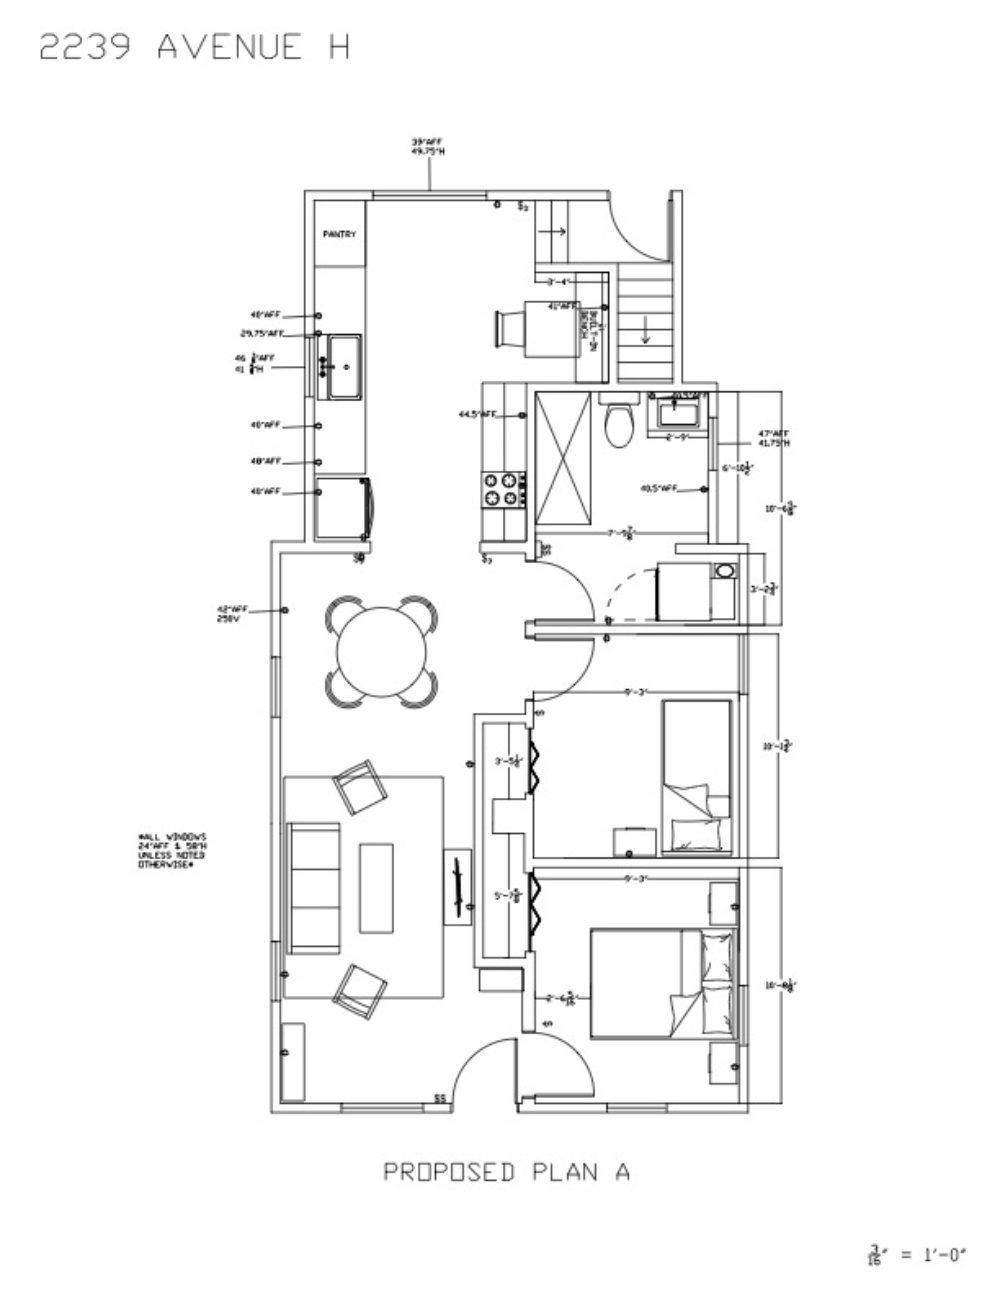 210821 712 Initiative Housing Revitalization 2239 Avenue H most up to date copy